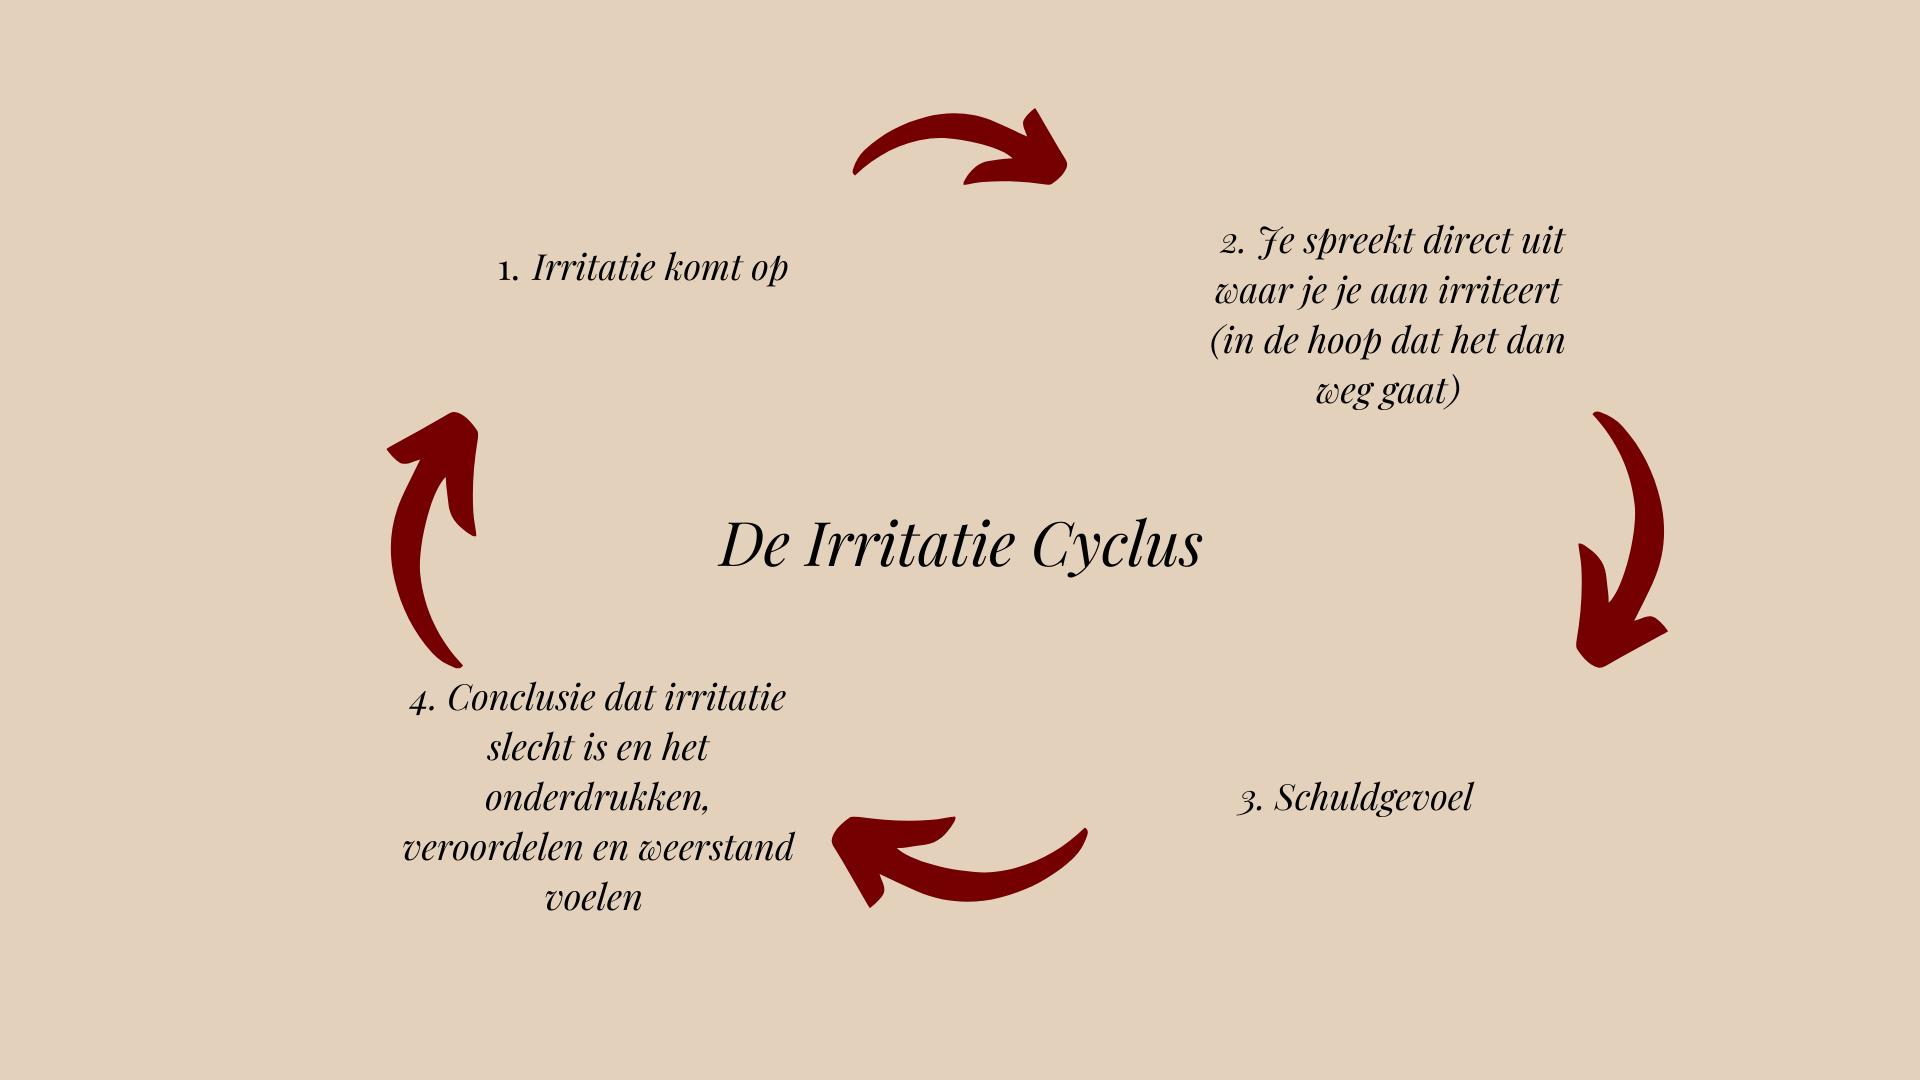 De irritatie cyclus